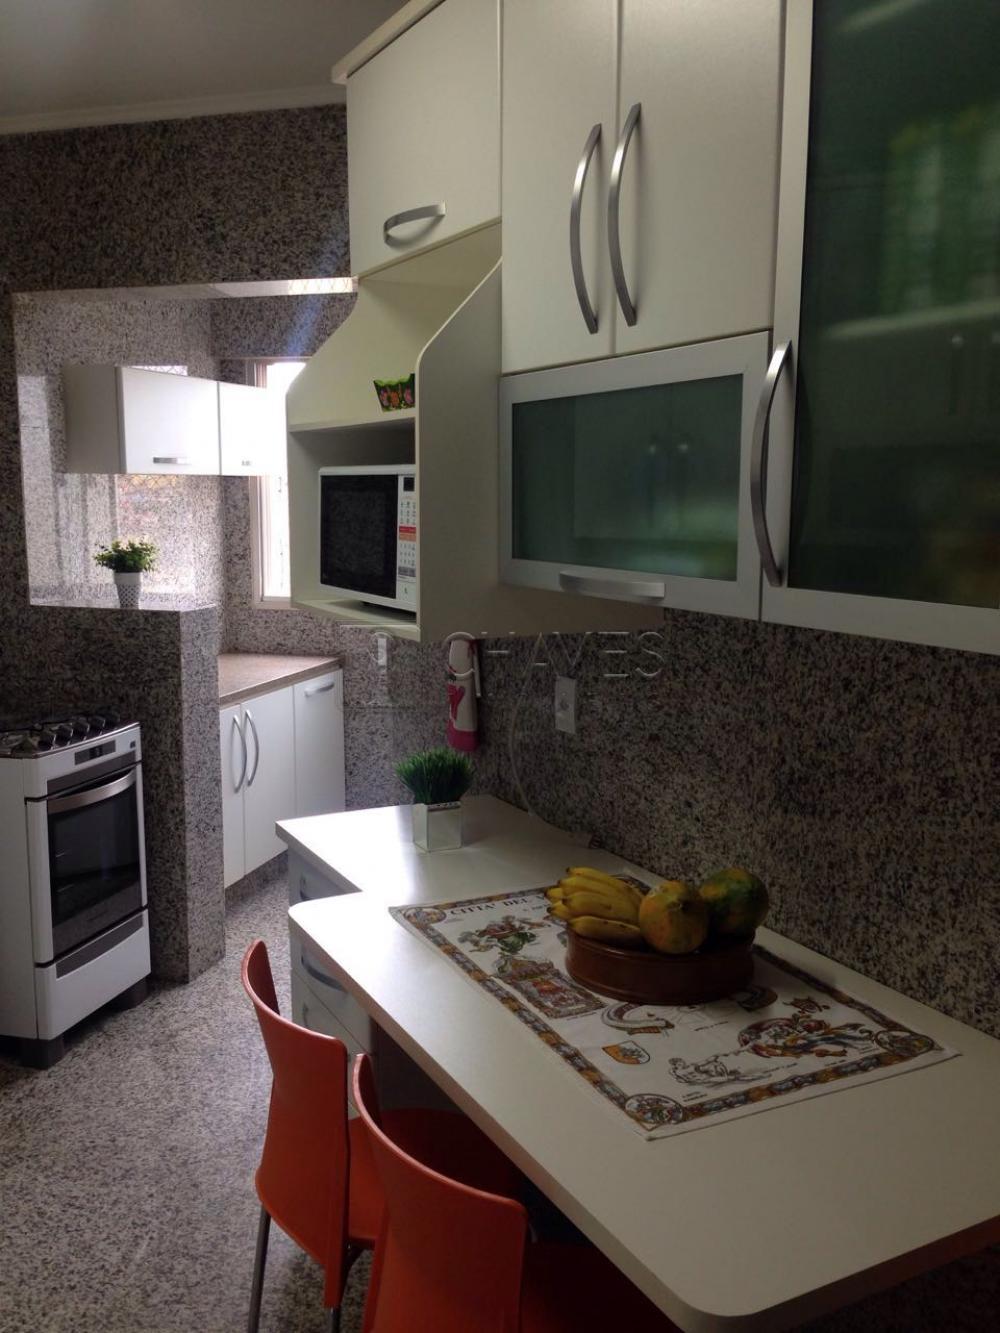 Comprar Apartamento / Padrão em Ribeirão Preto apenas R$ 415.000,00 - Foto 9